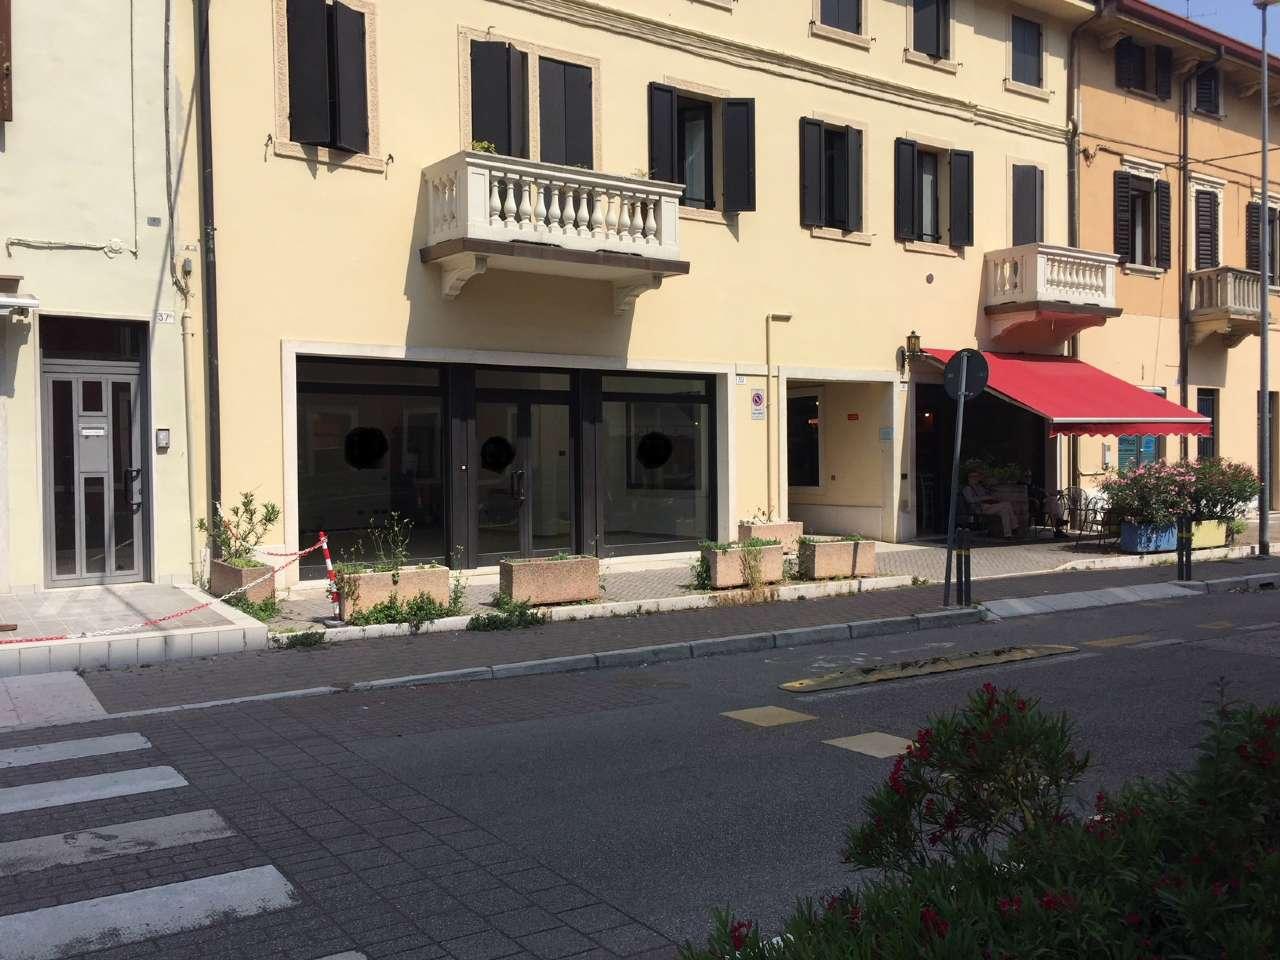 Negozio / Locale in affitto a Verona, 3 locali, zona Zona: 6 . Borgo Trieste - Borgo Venezia, prezzo € 1.700 | CambioCasa.it